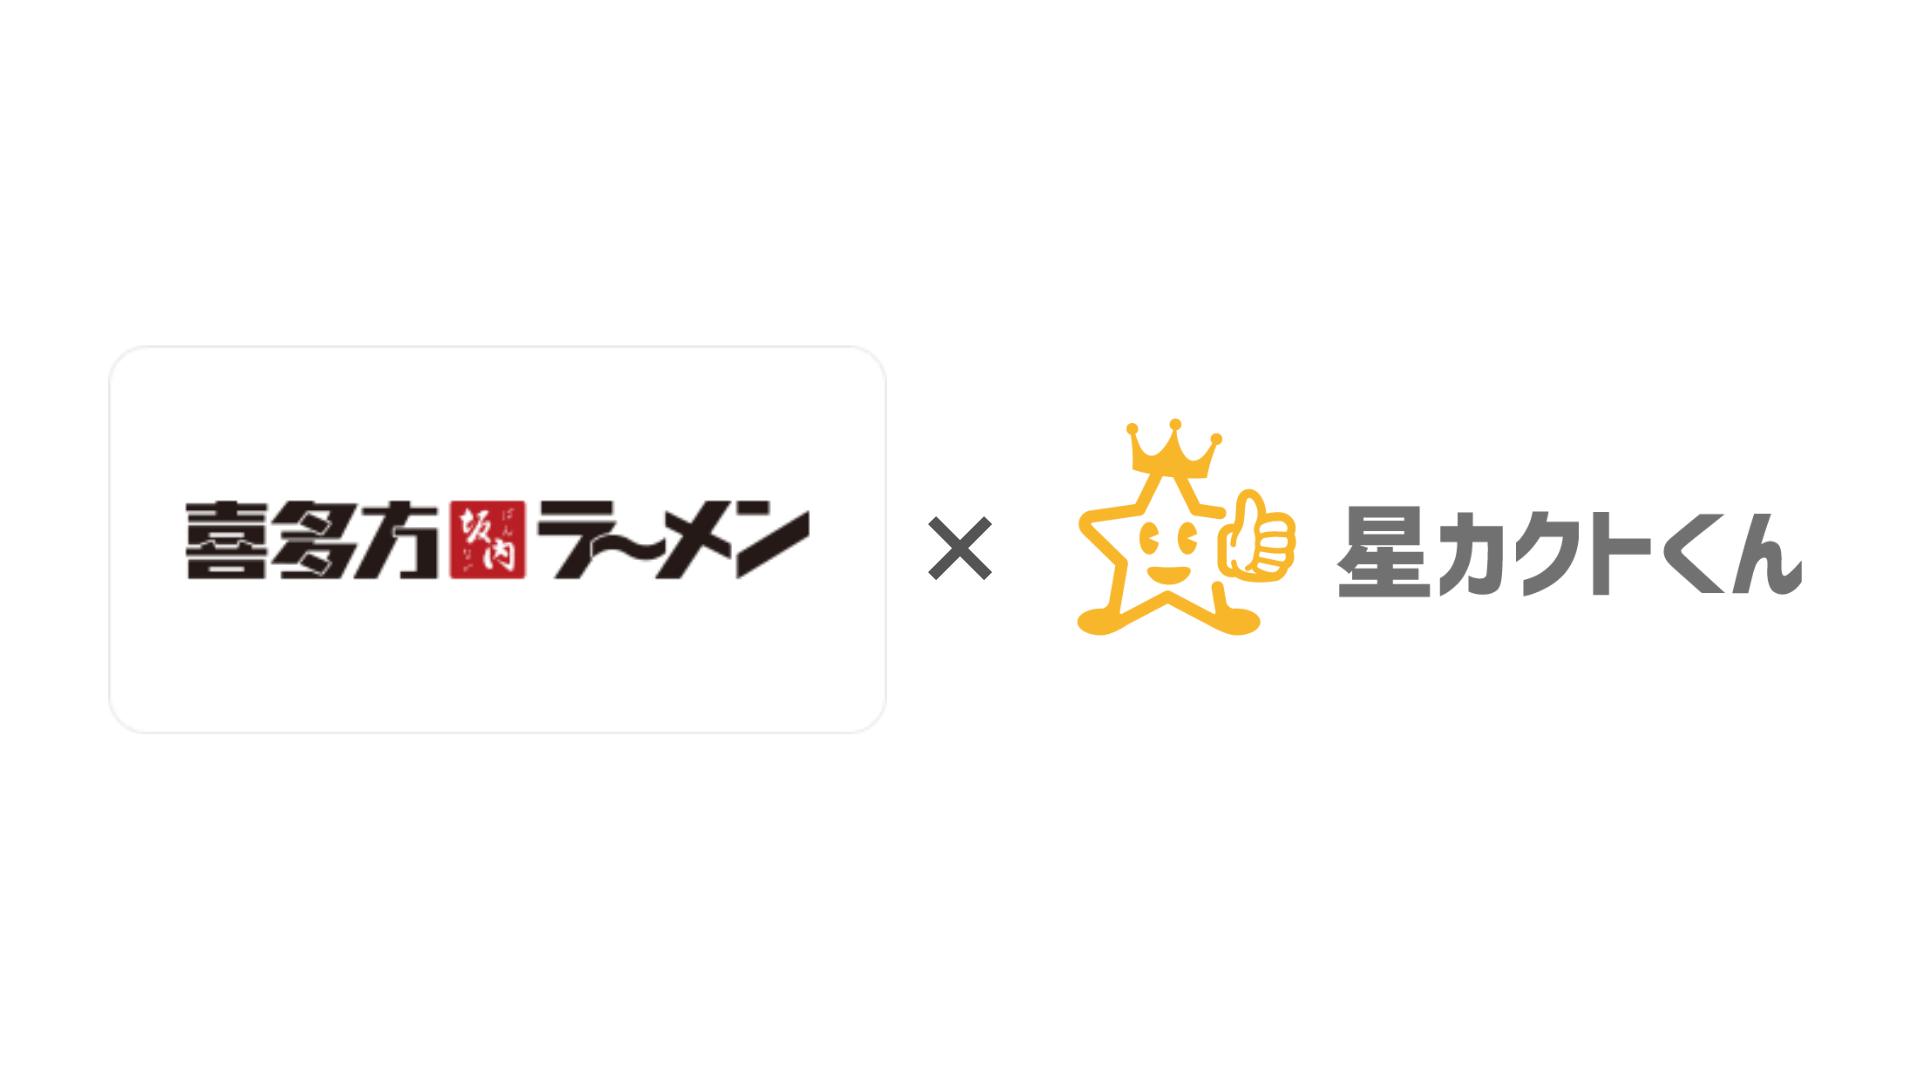 【飲食店必見】喜多方ラーメン 坂内等を運営する株式会社麺食がGoogleマイビジネスのクチコミ管理を可能とする注⽬サービス「星カクトくん」を導⼊